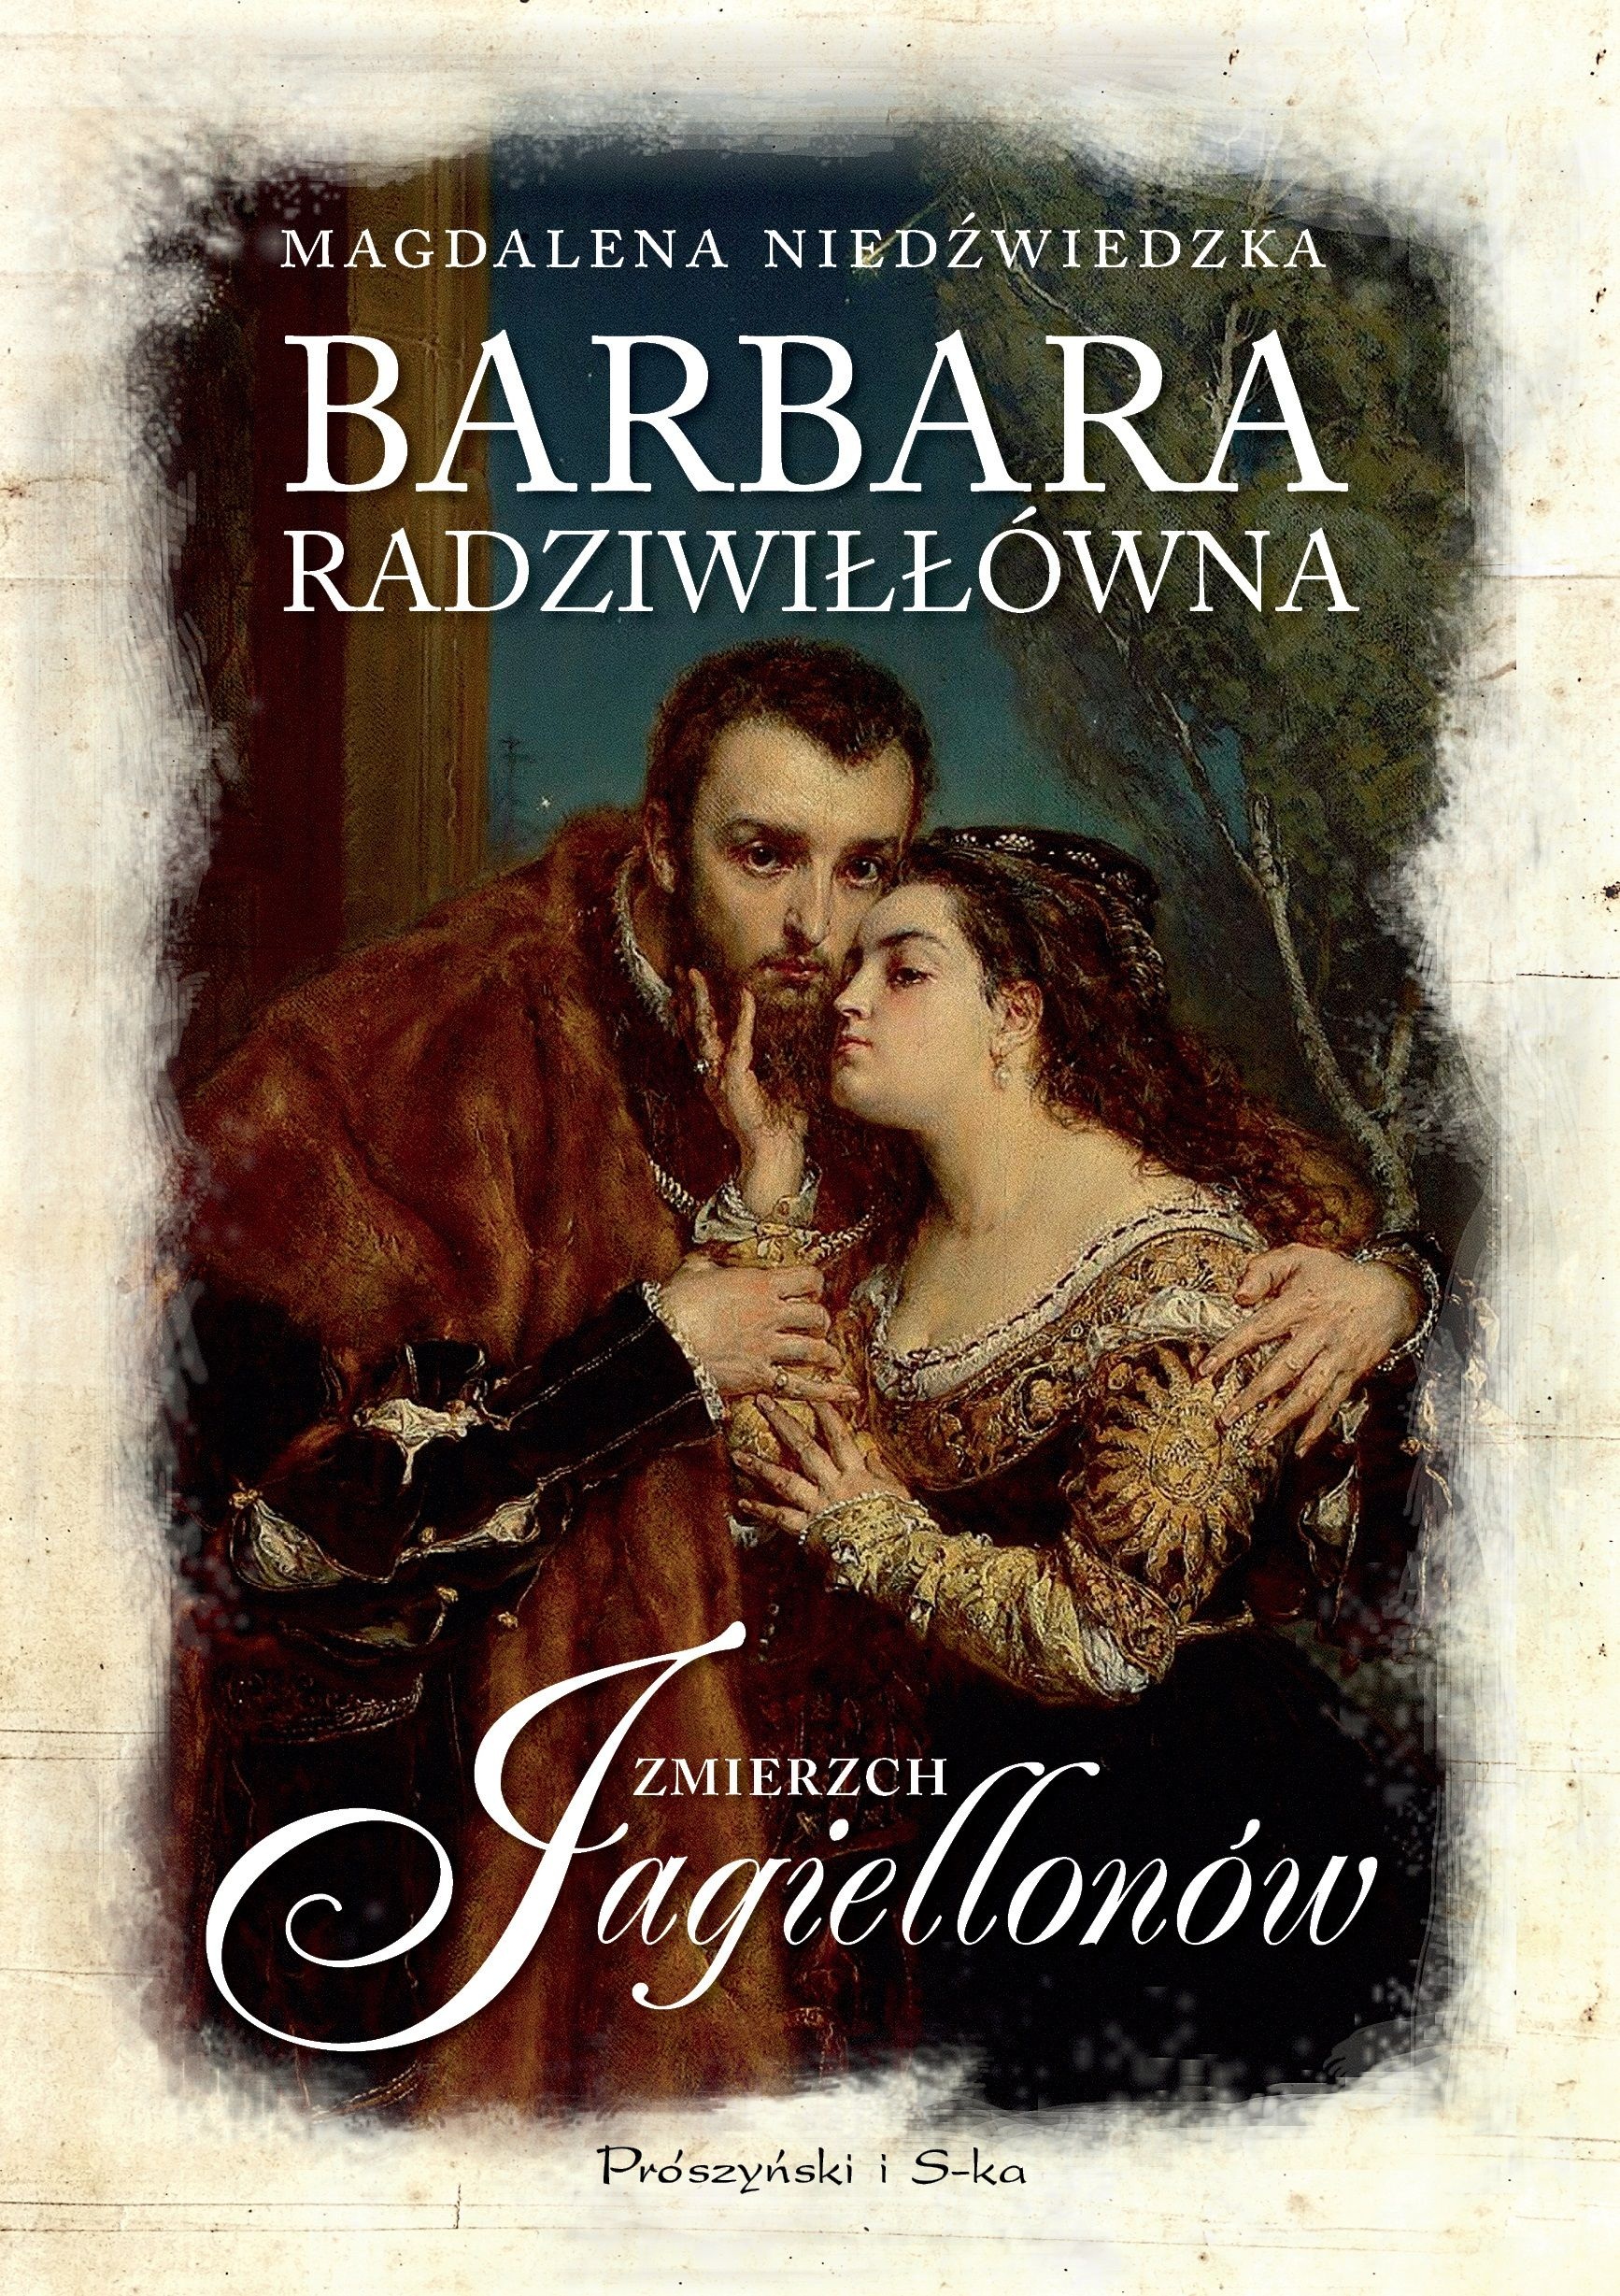 """Inspiracją do napisania artykułu stała się powieść Magdaleny Niedźwiedzkiej """"Barbara Radziwiłłówna"""", która ukazała się nakładem wydawnictwa Prószyński i s-ka w cyklu """"Zmierzch Jagiellonów"""""""